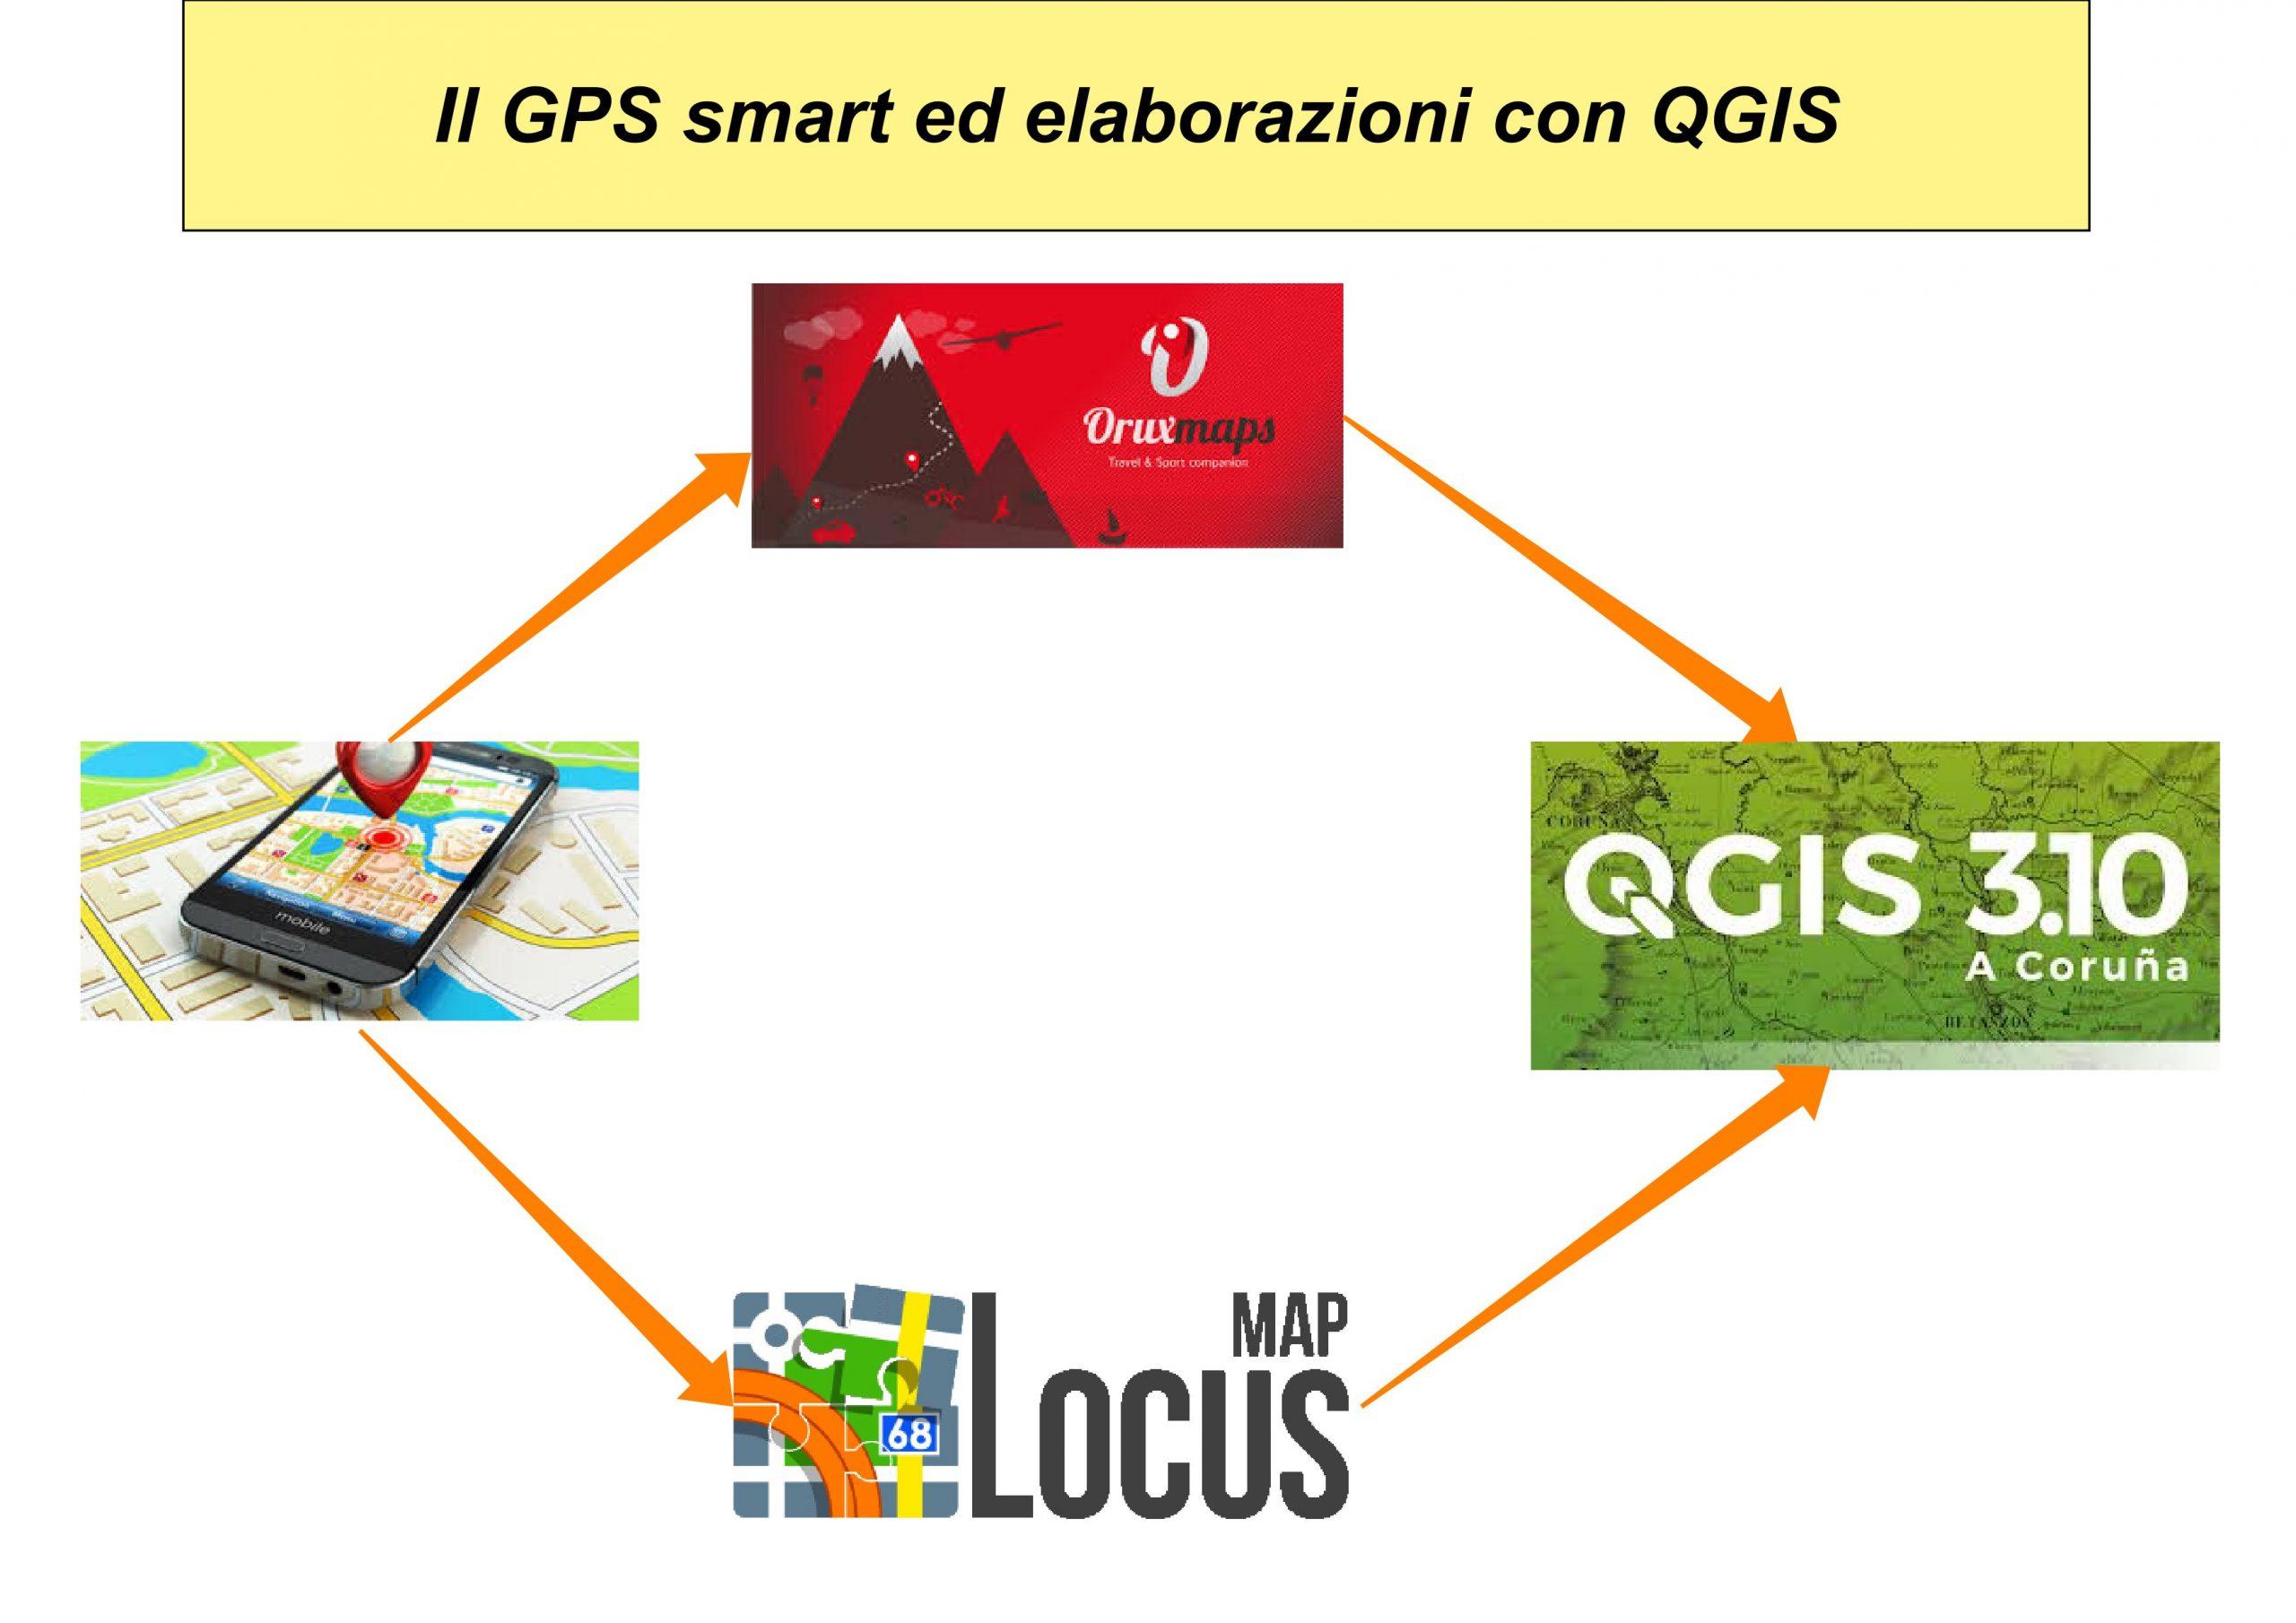 Modulo II: Il GPS Smart - applicazioni android per la georeferenziazione e l'interfaccia con QGIS